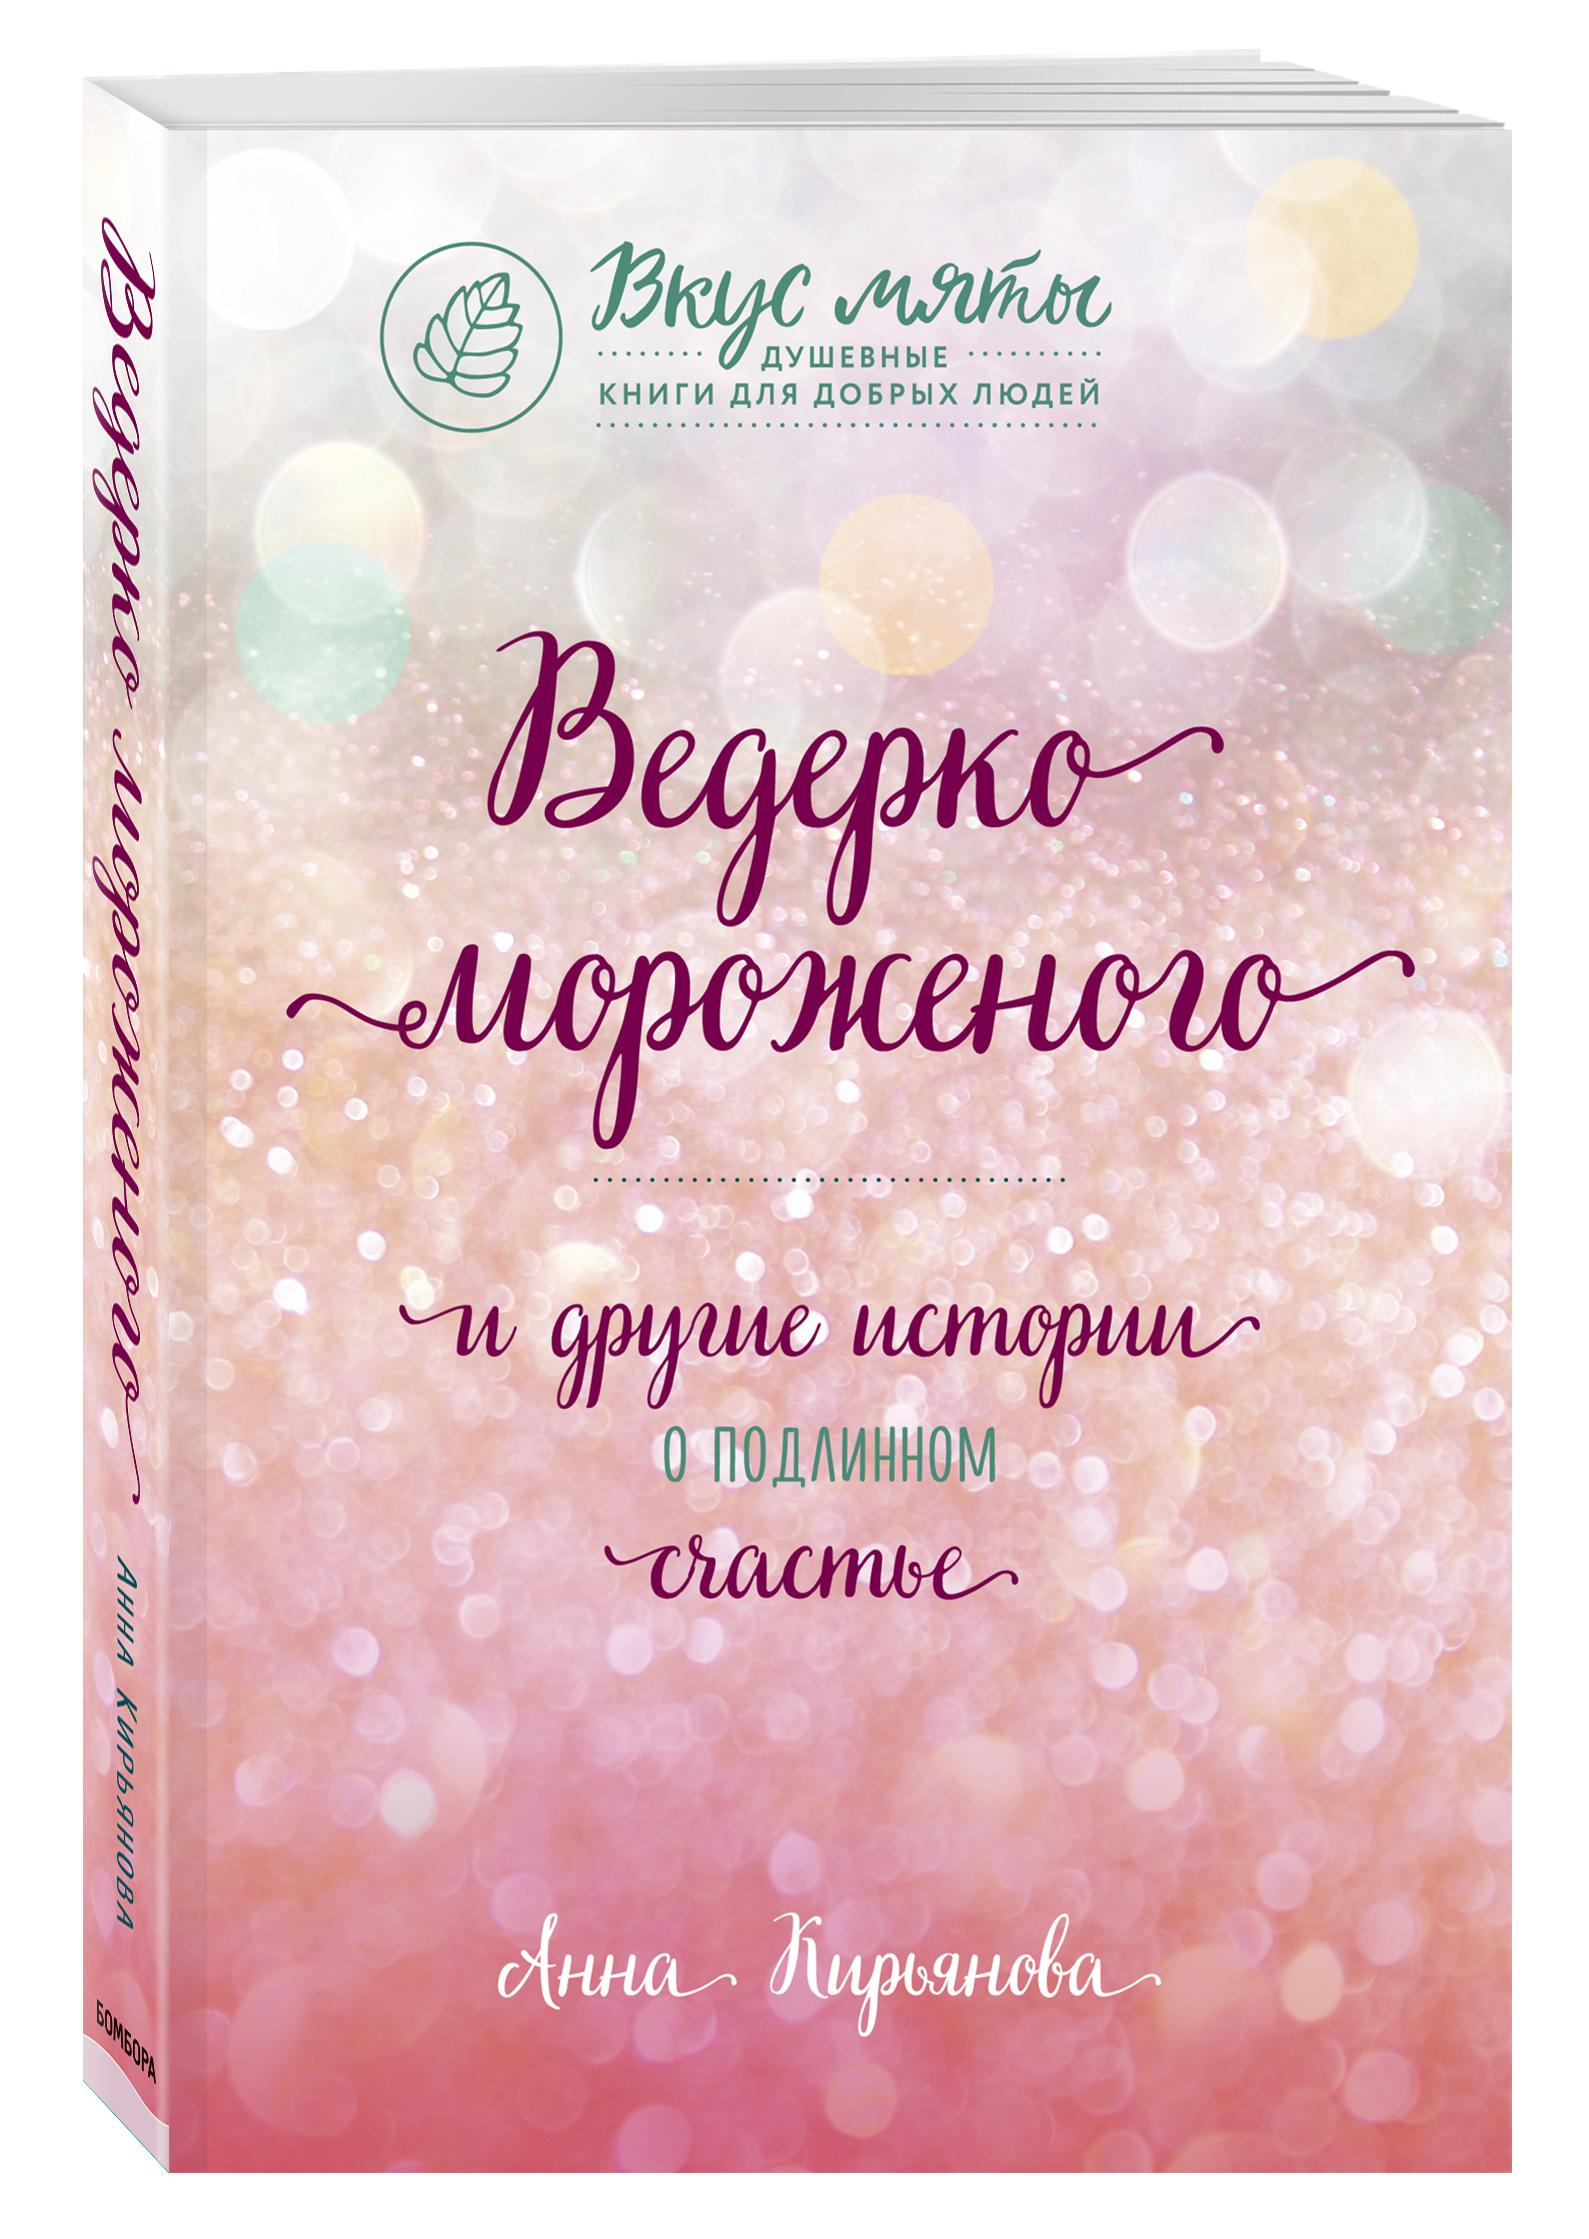 Анна Кирьянова Ведерко мороженого и другие истории о подлинном счастье